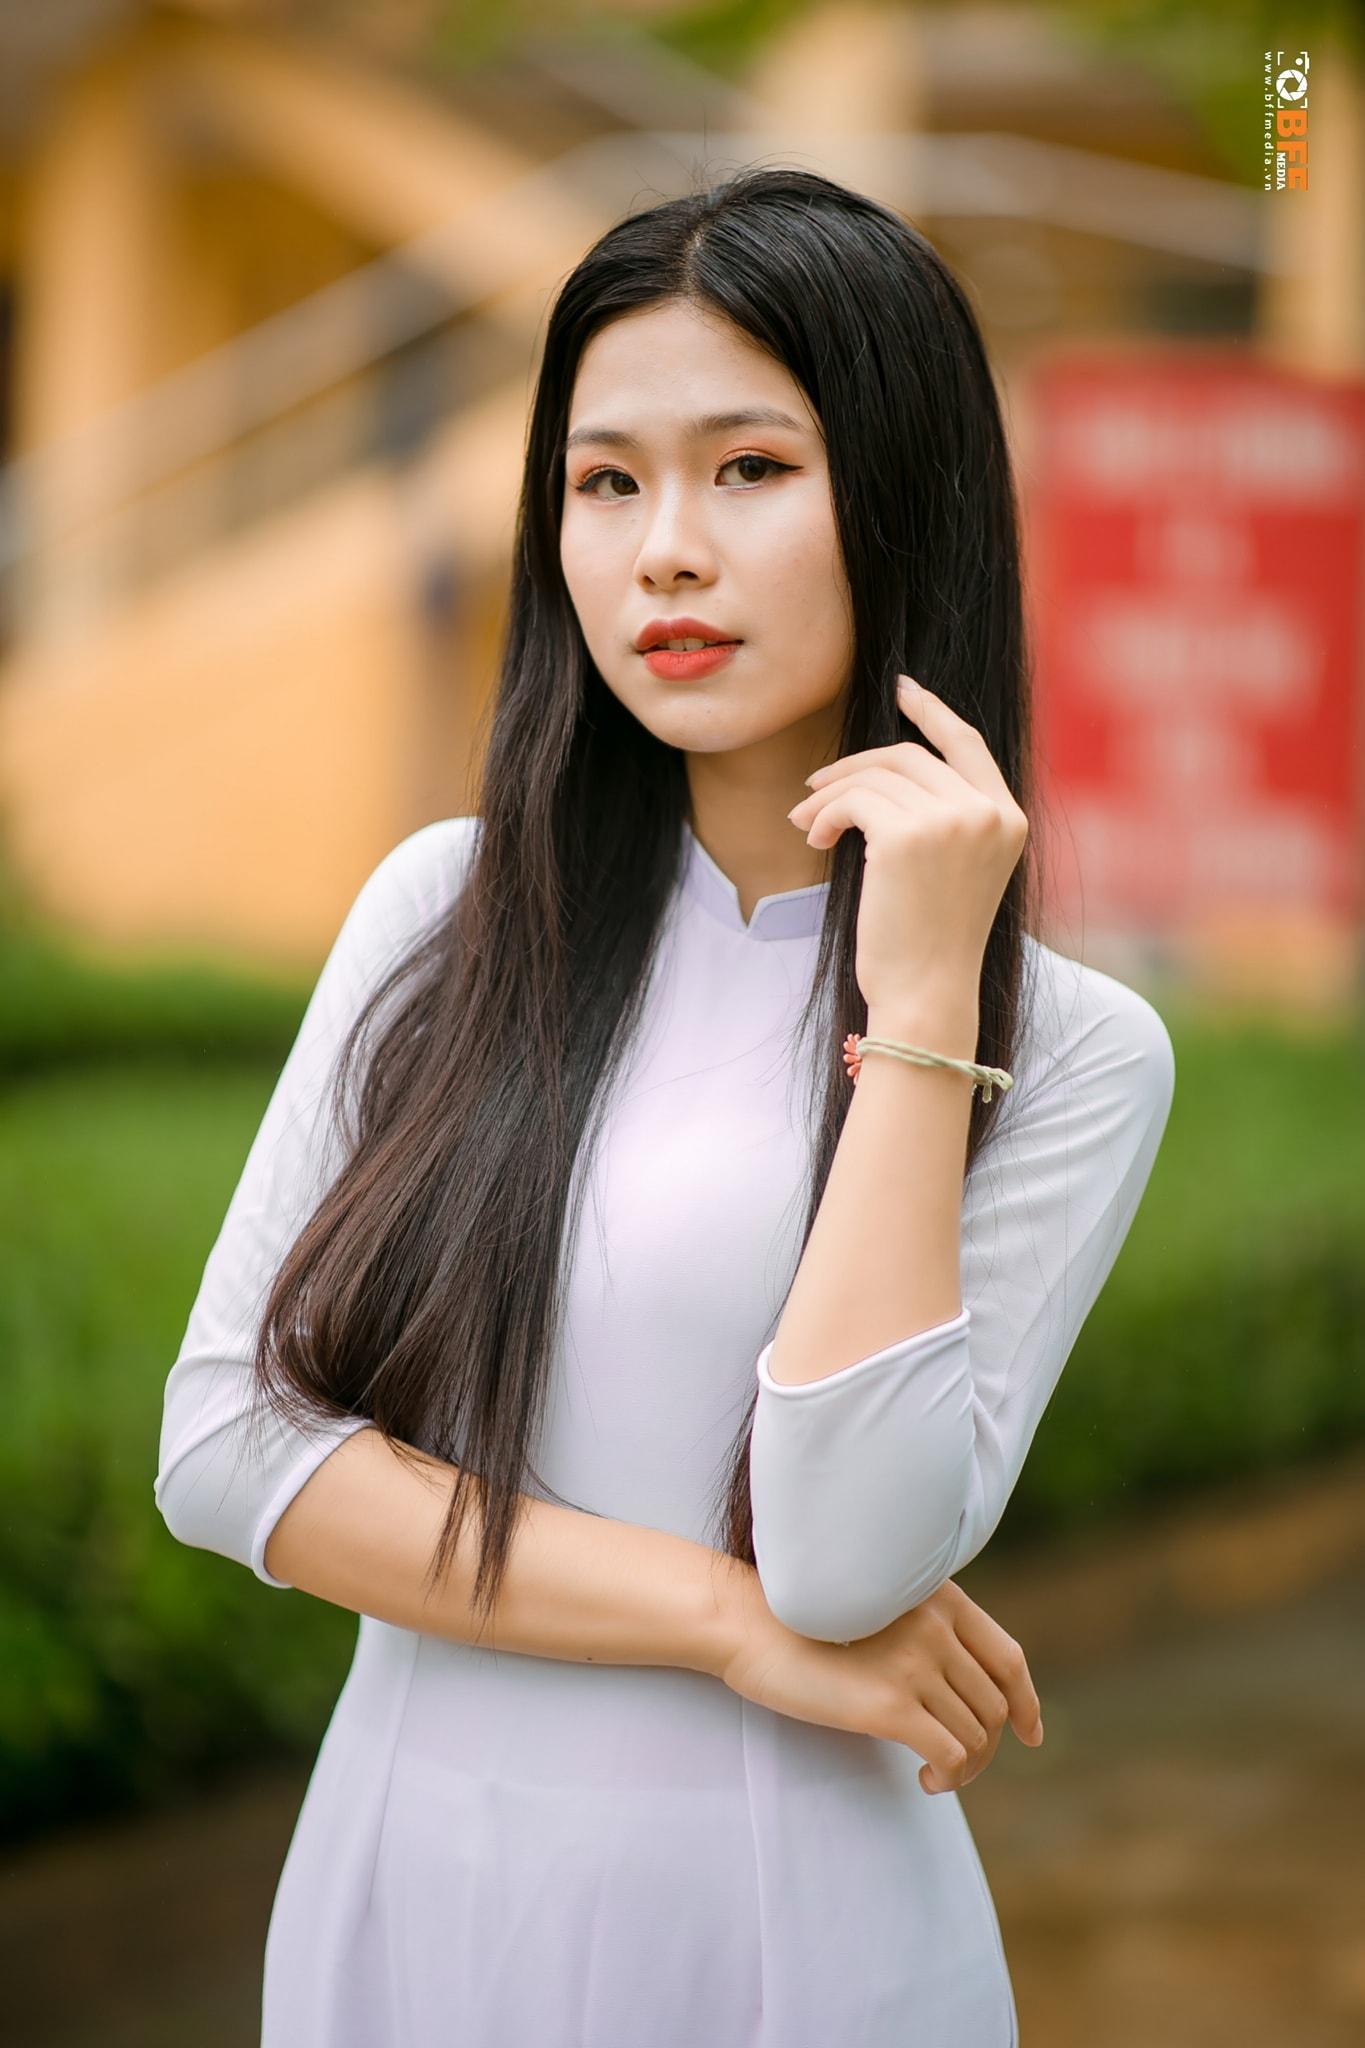 Thí sinh 18 tuổi miền gái đẹp Tuyên Quang gây chú ý khi thi hoa hậu - hình ảnh 2